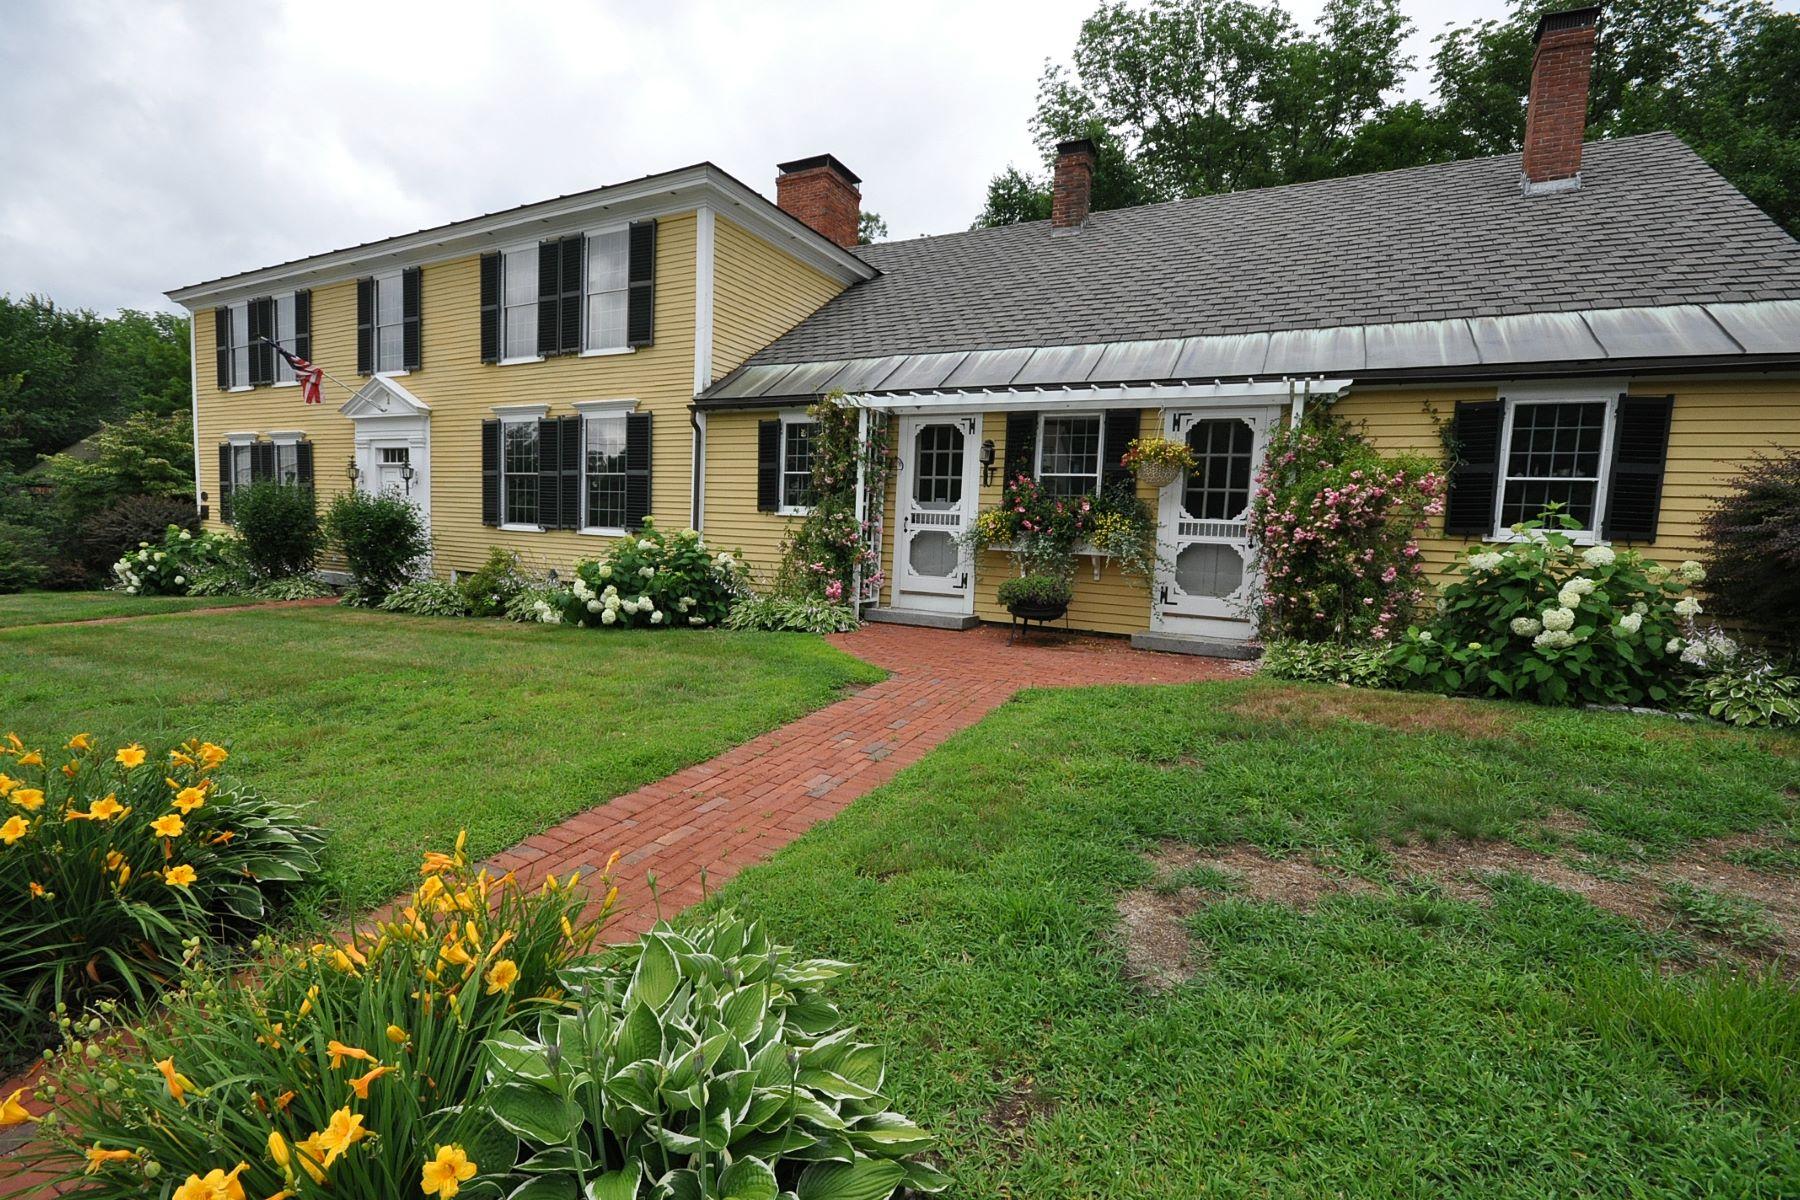 Частный односемейный дом для того Продажа на 1 Main St, Francestown Francestown, Нью-Гэмпшир, 03043 Соединенные Штаты